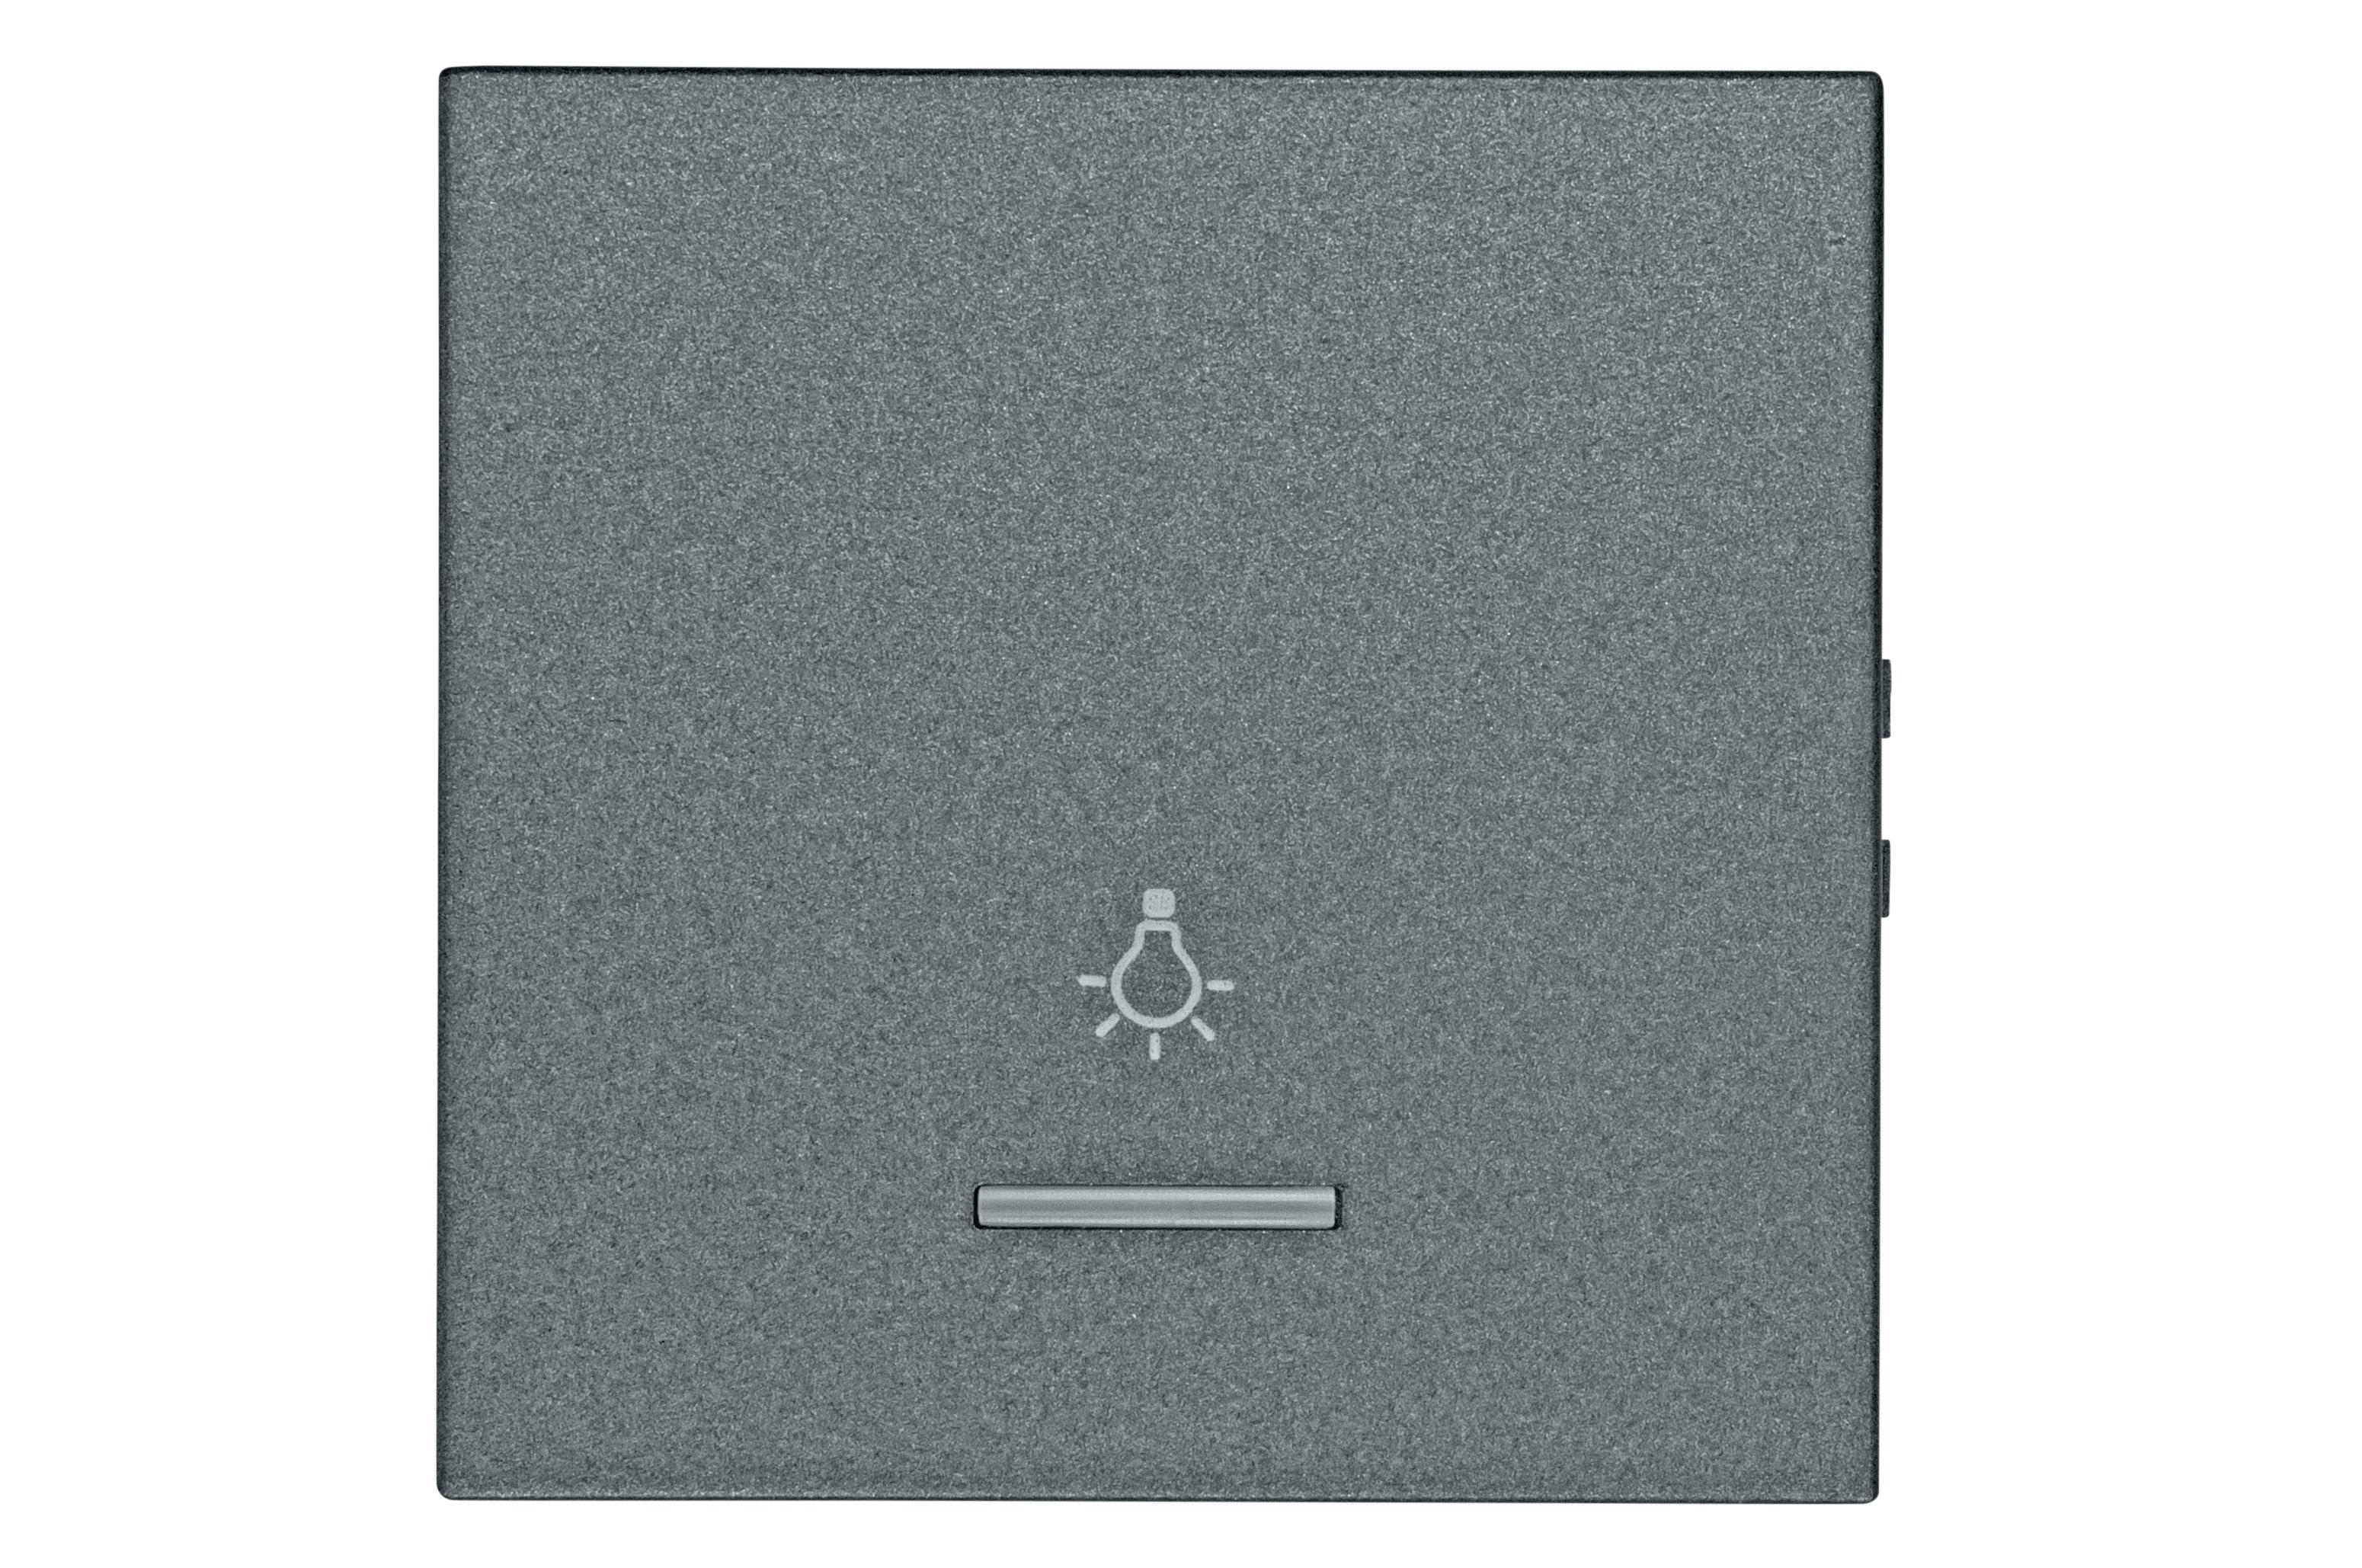 1 Stk Wippe mit transparenter Linse, Symbol Licht, anthrazit EV112009--